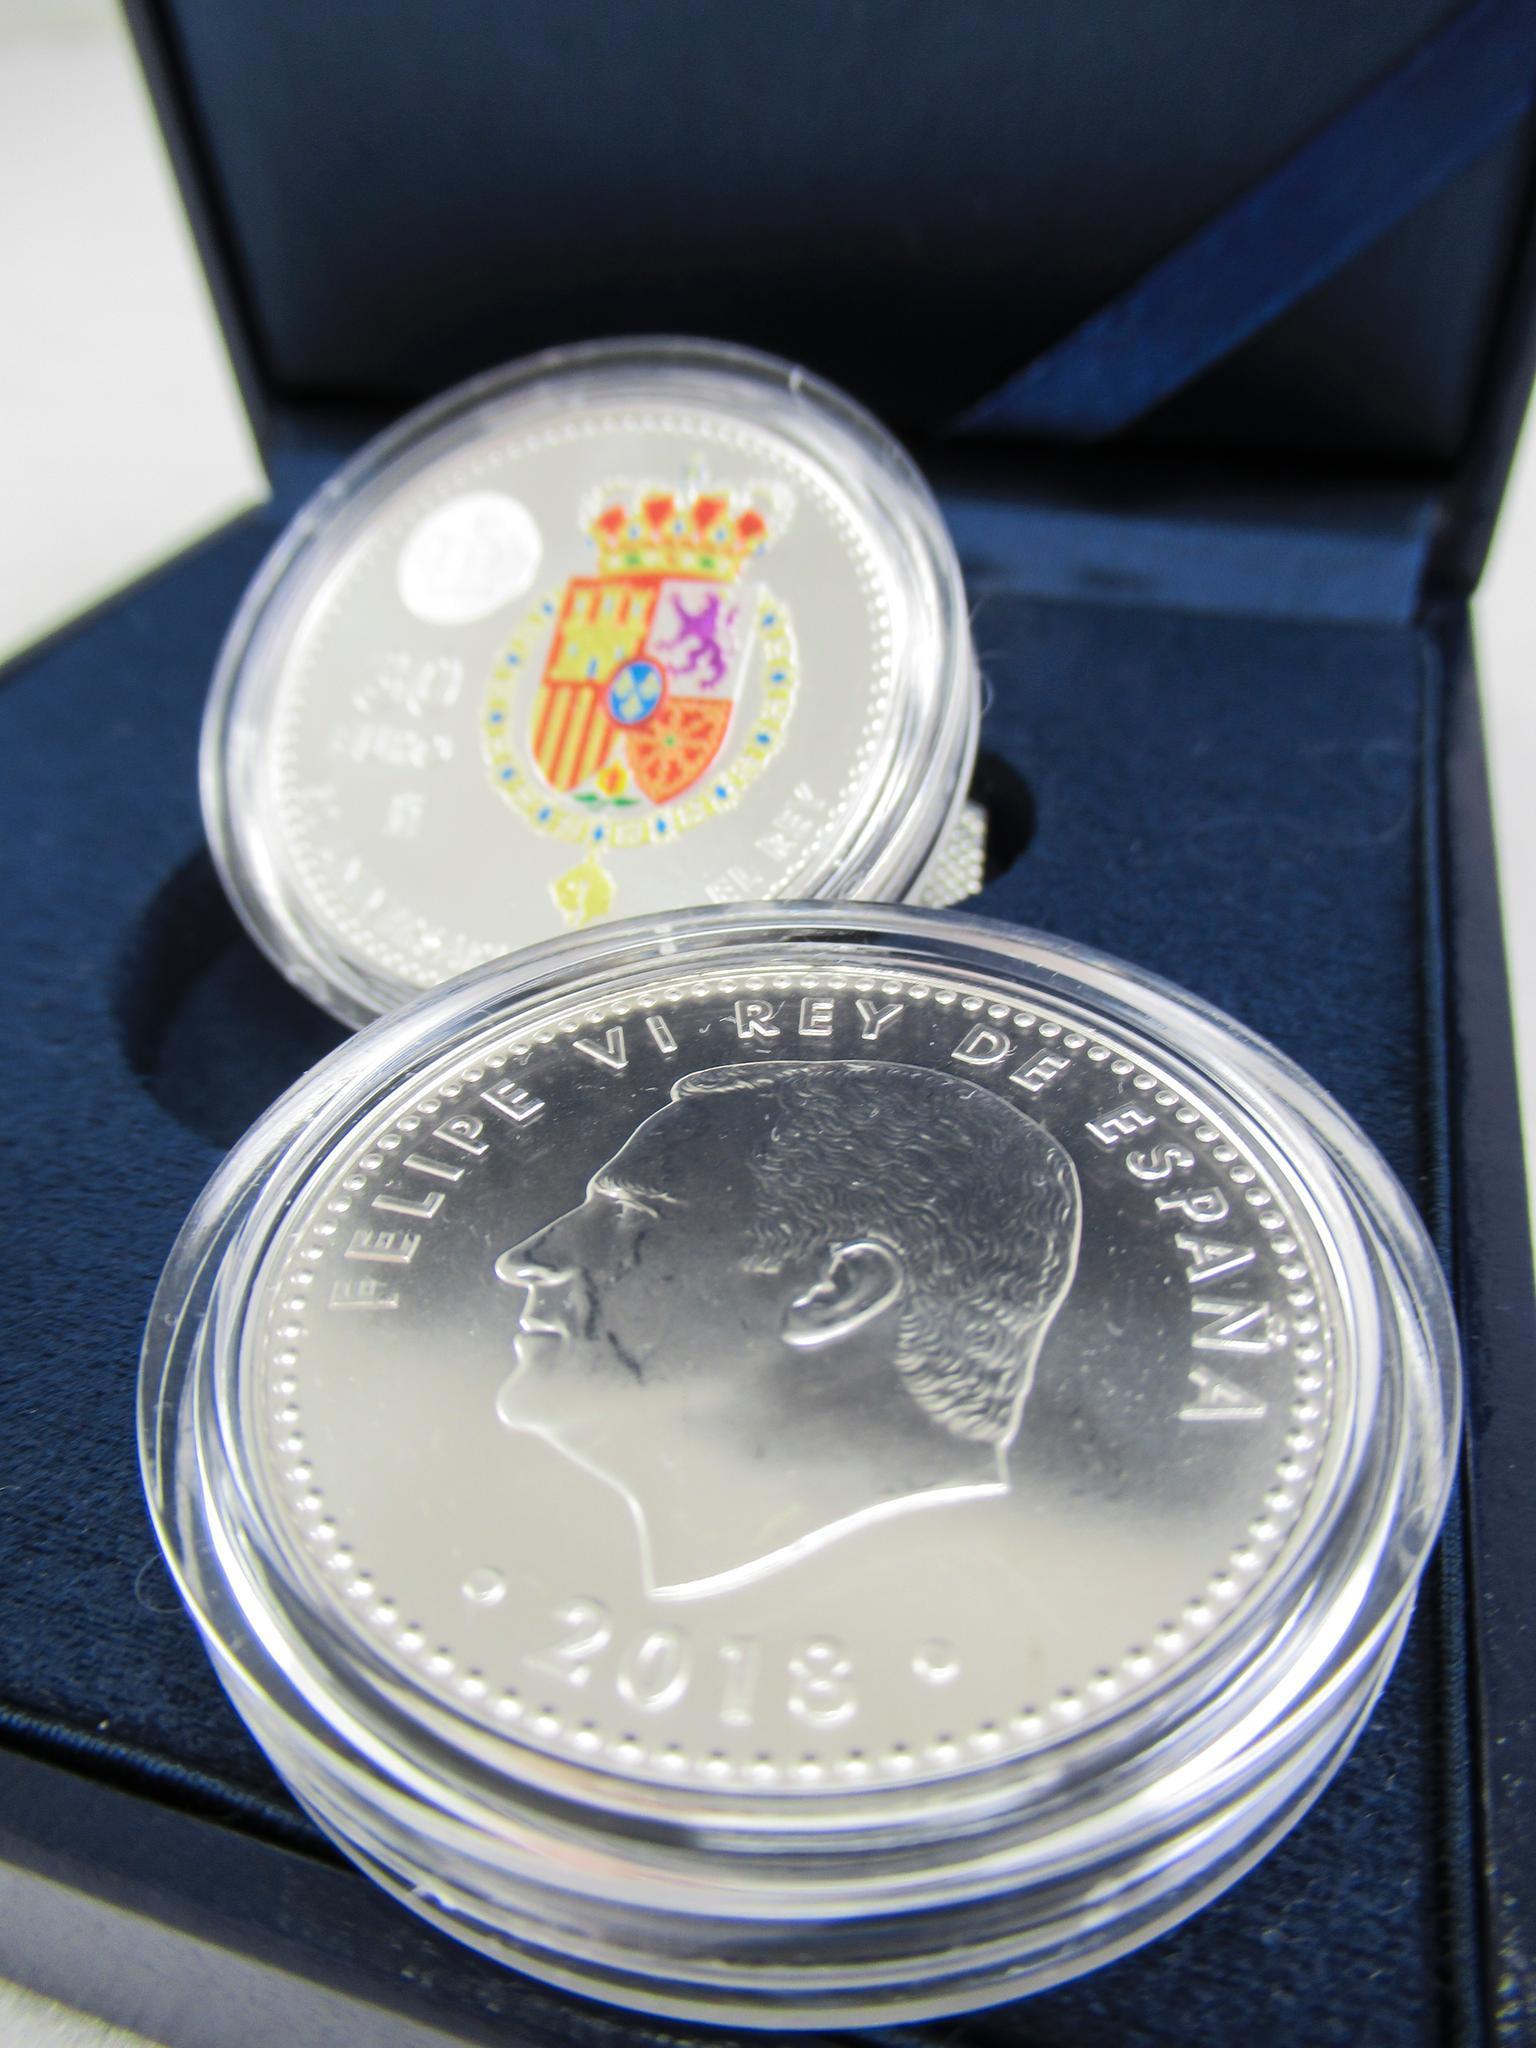 Zum Geburtstag eine Münze: Die Ähnlichkeit von Felipe auf der Münze zu seinem Vater Juan Carlos in jüngeren Jahren fällt dabei auf.